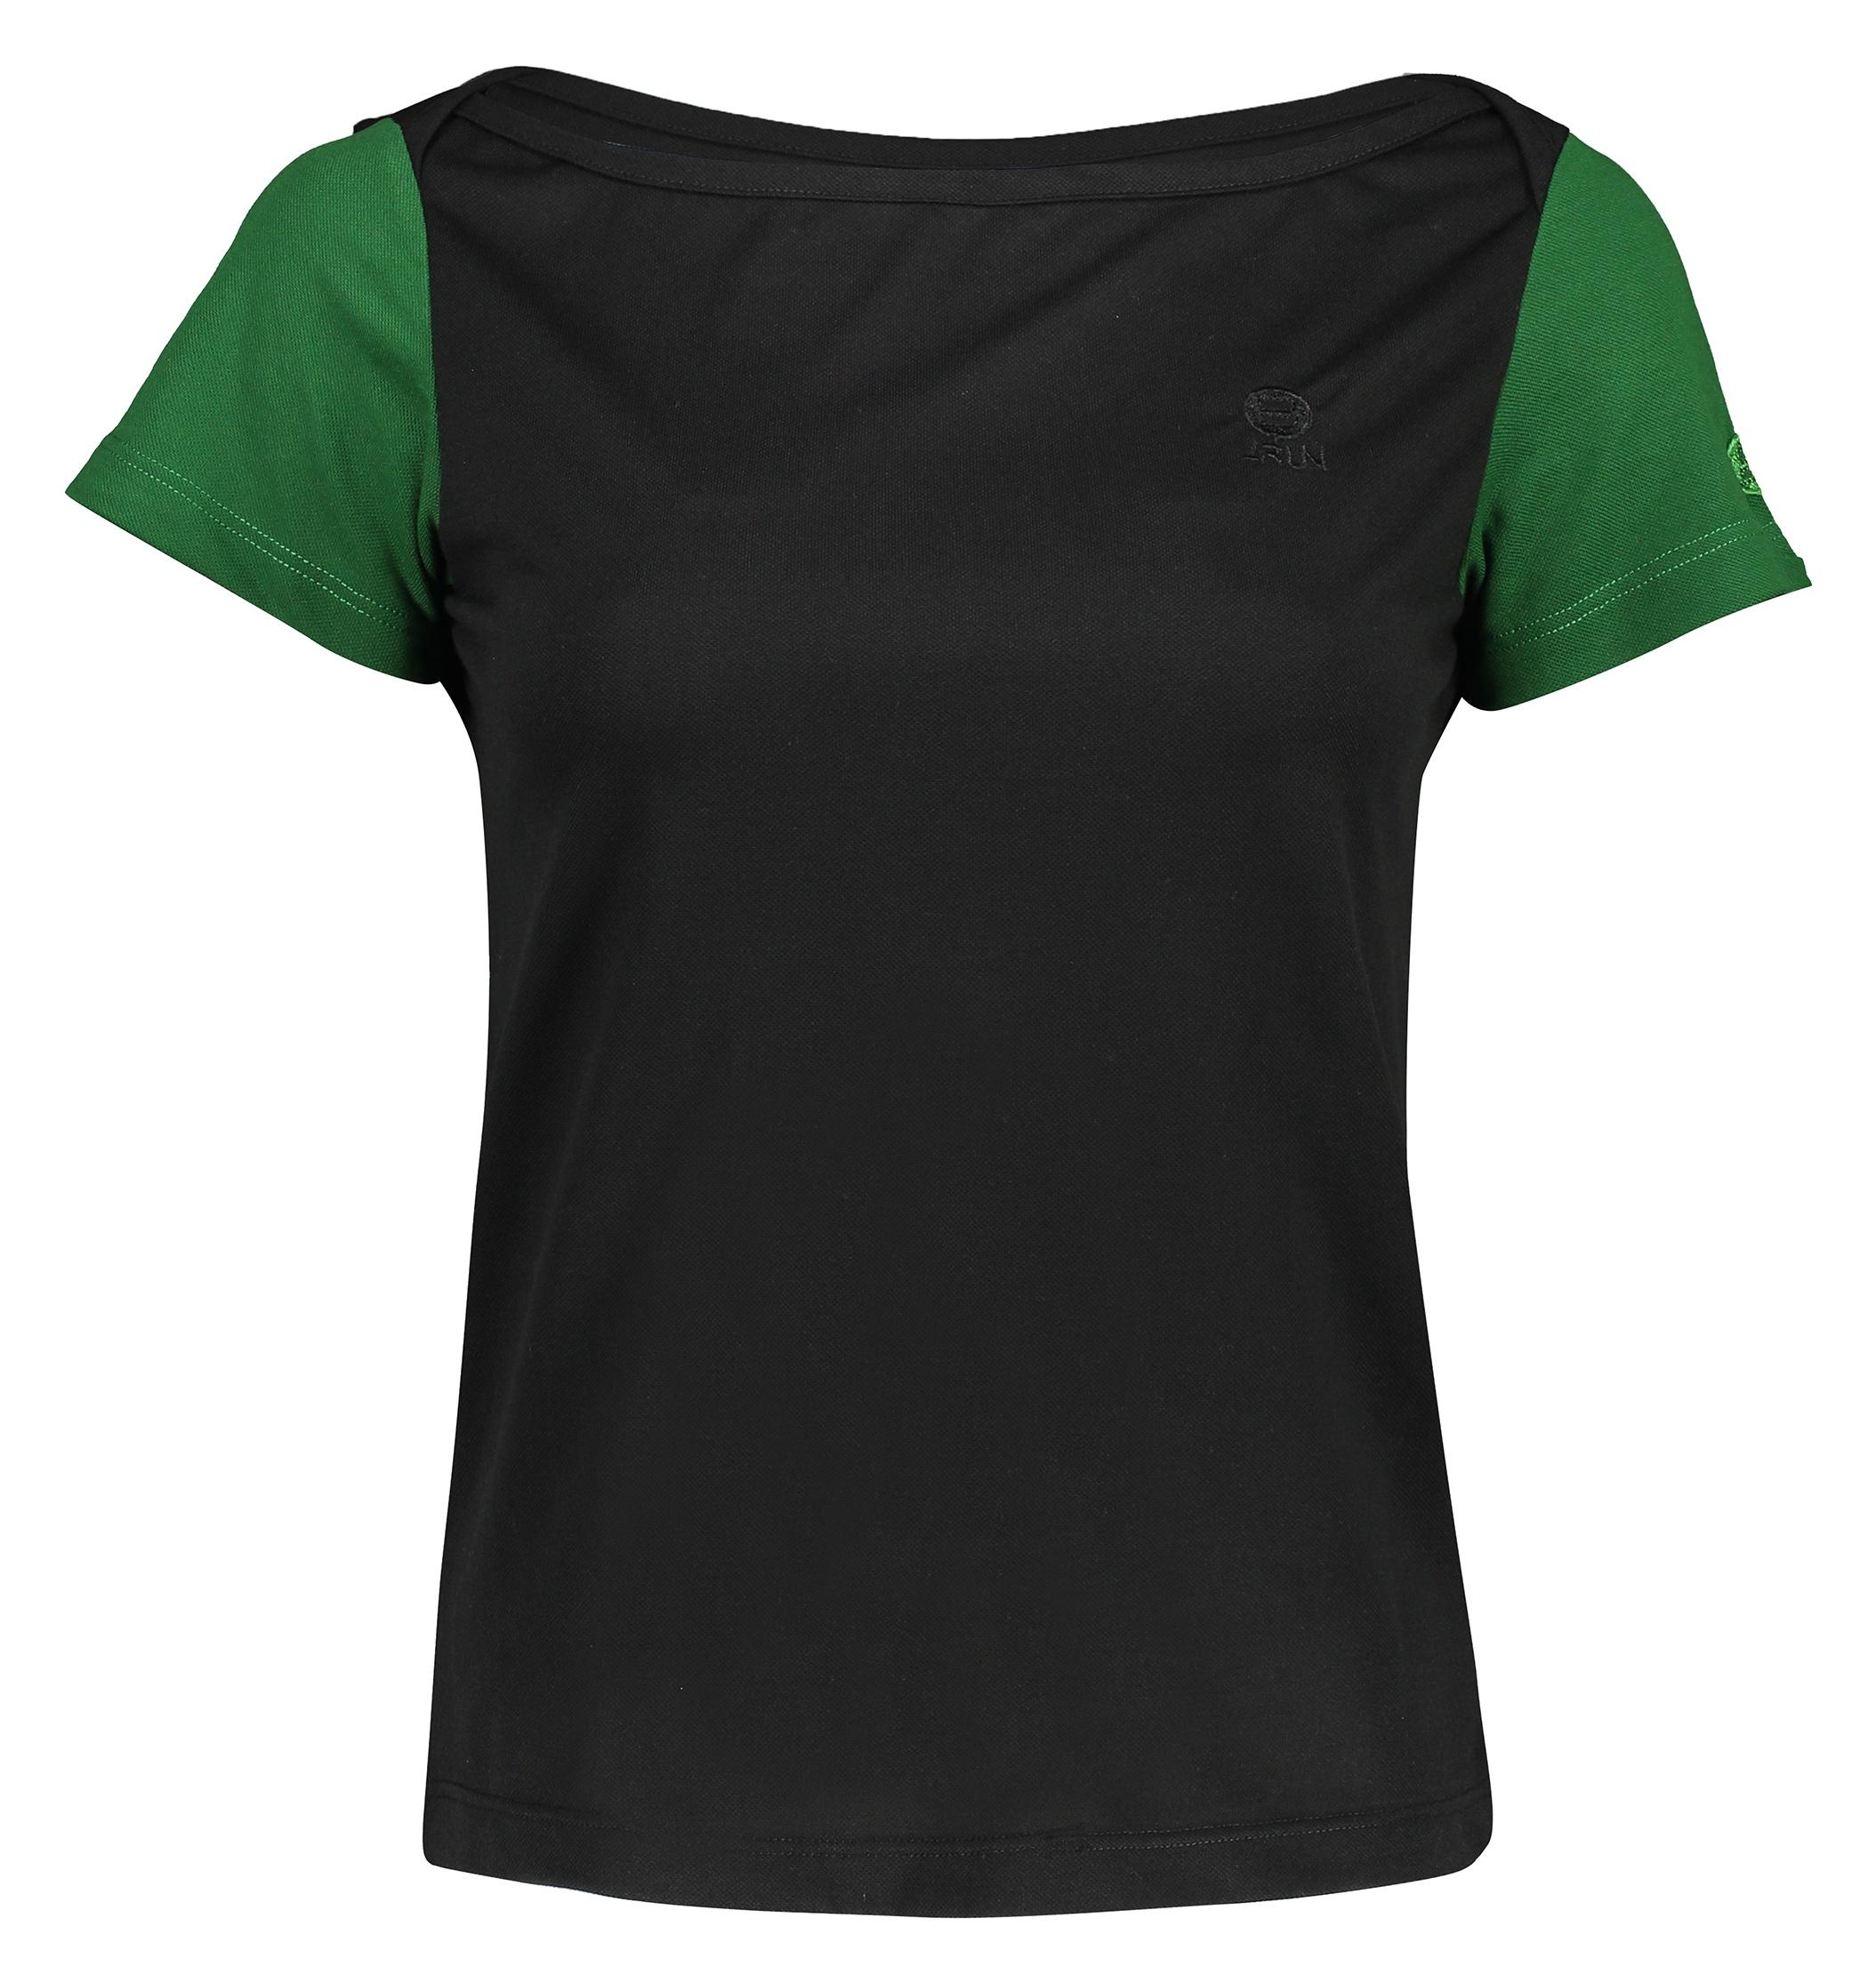 تی شرت ورزشی زنانه بی فور ران مدل 970324-9943